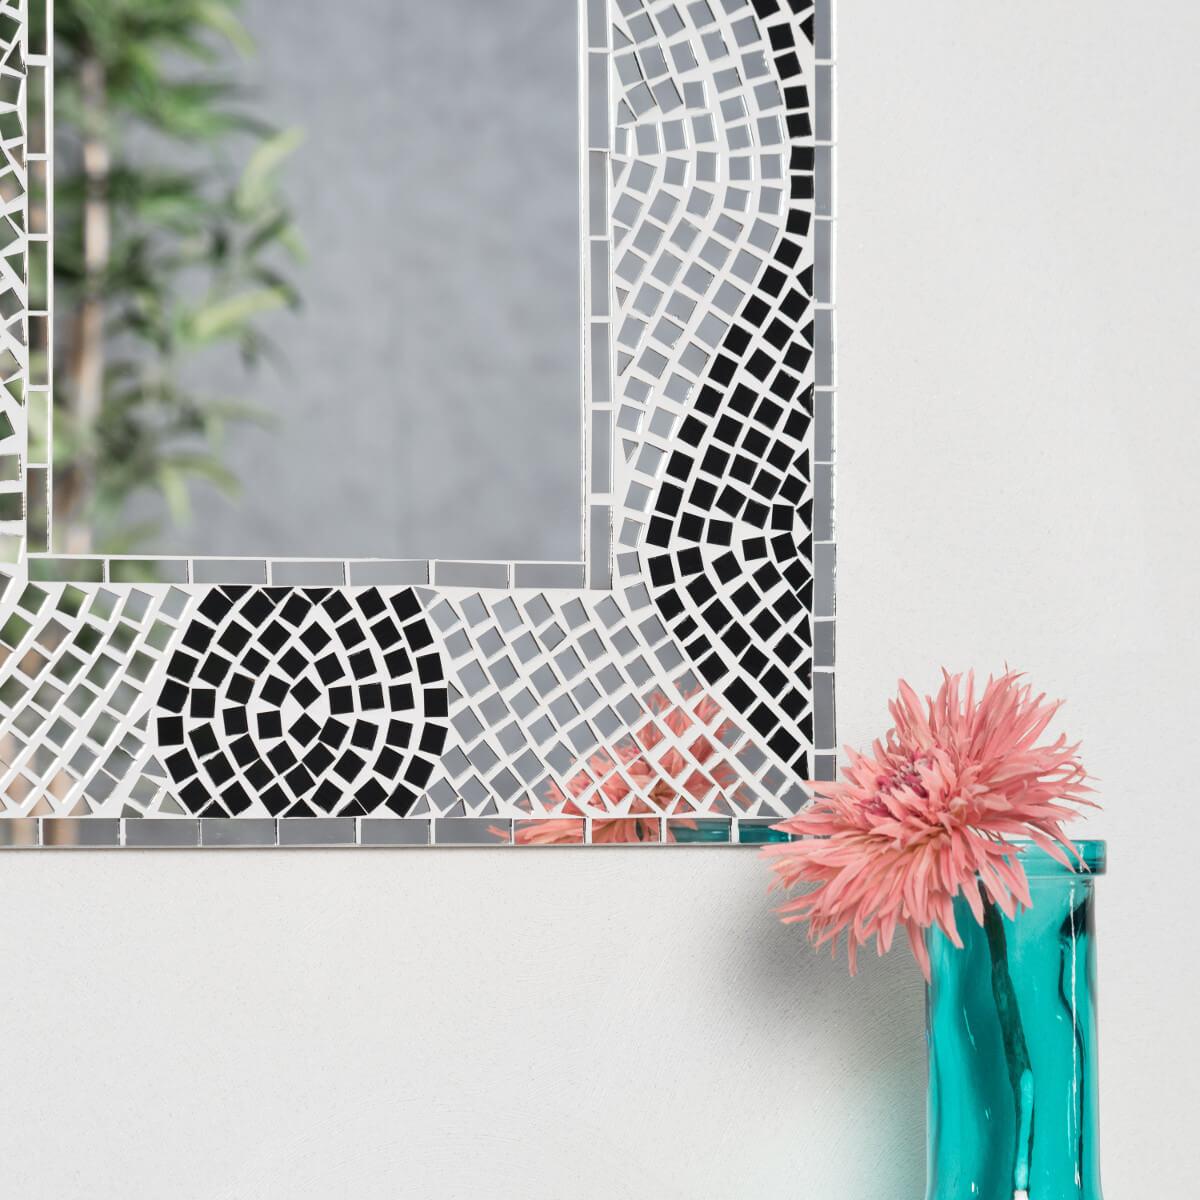 Miroir mosaique design 40cm x 50cm salon chambre - Miroir de salon ...